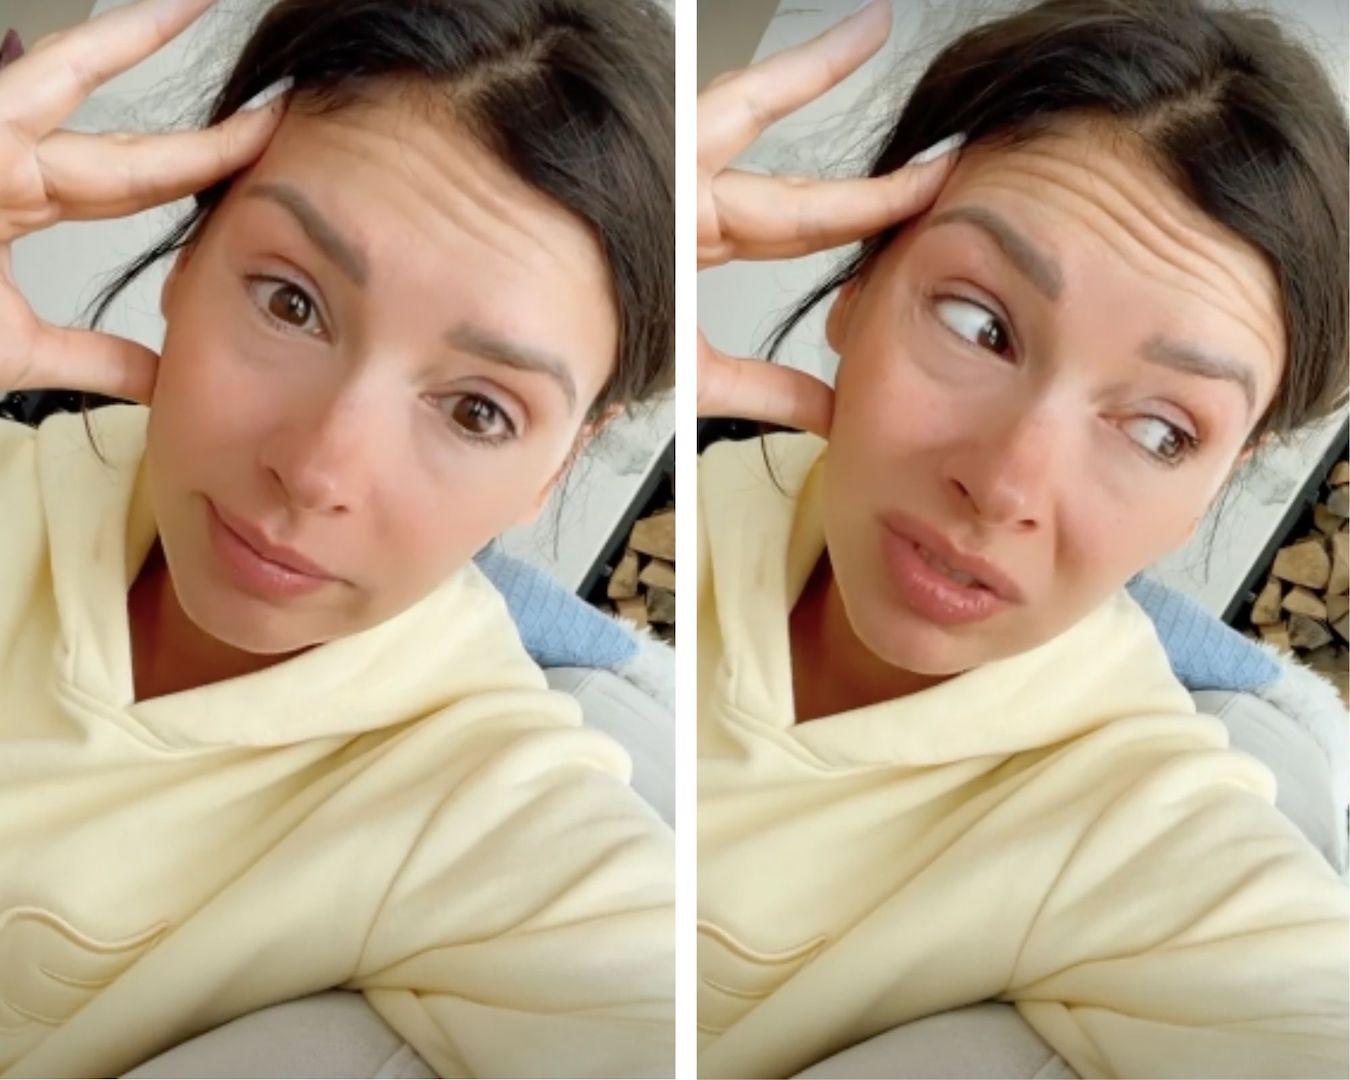 """Klaudia Halejcio wyznaje: """"Płaciłam 200 zł, żeby wyleczyć się ze swojej chorej głowy"""""""